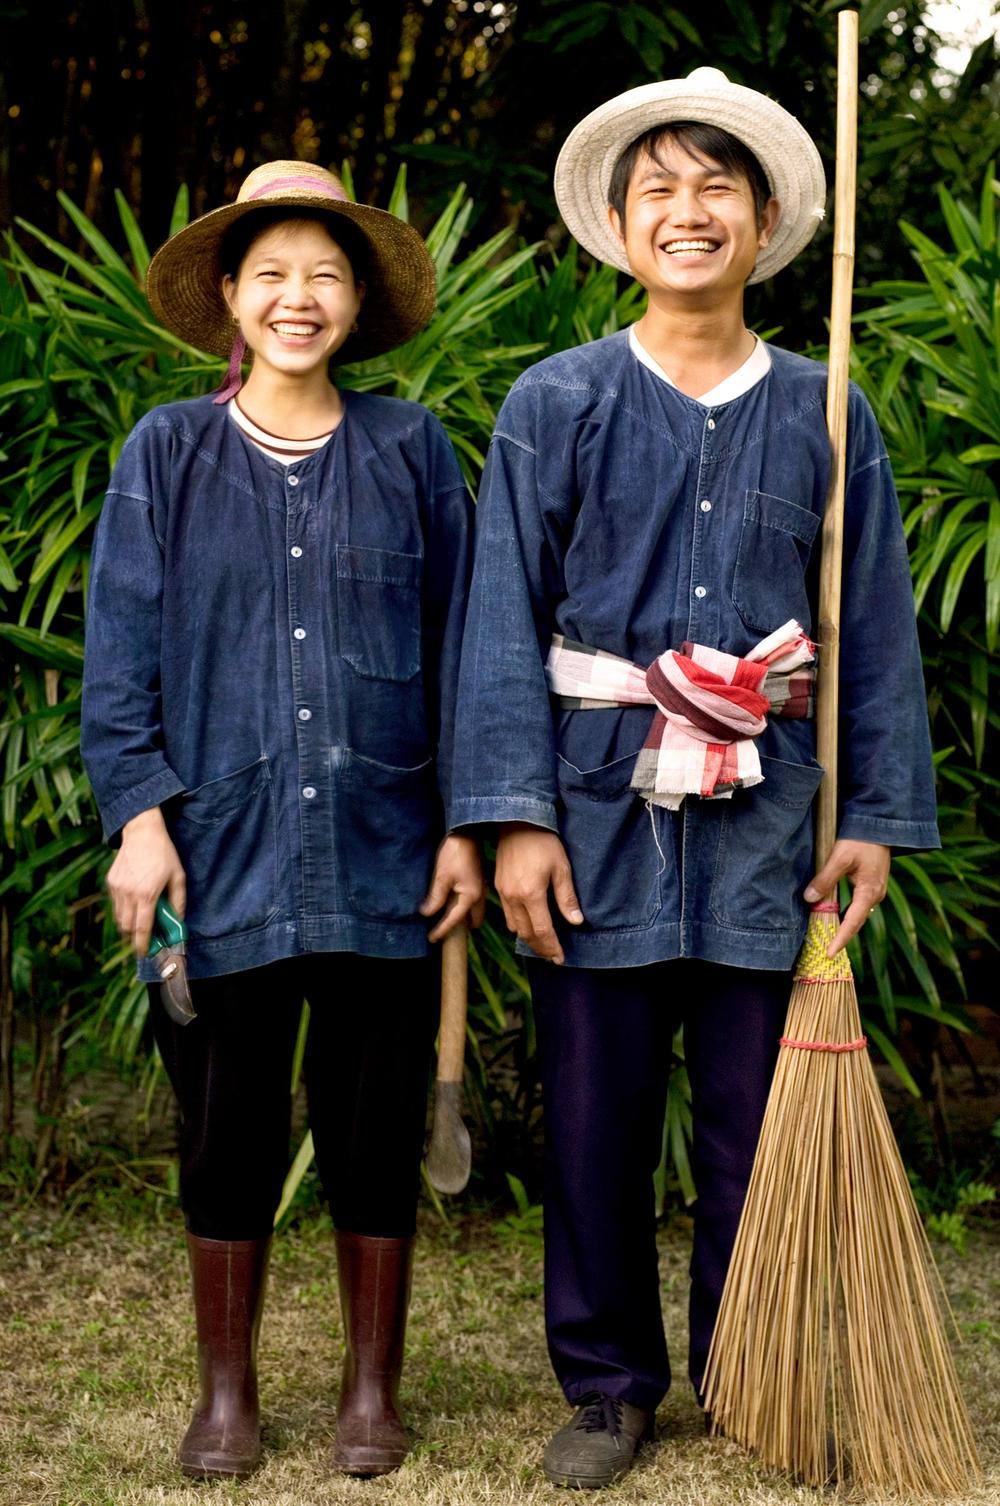 Thai-gardeners-HenrikOlundPhotography.jpg